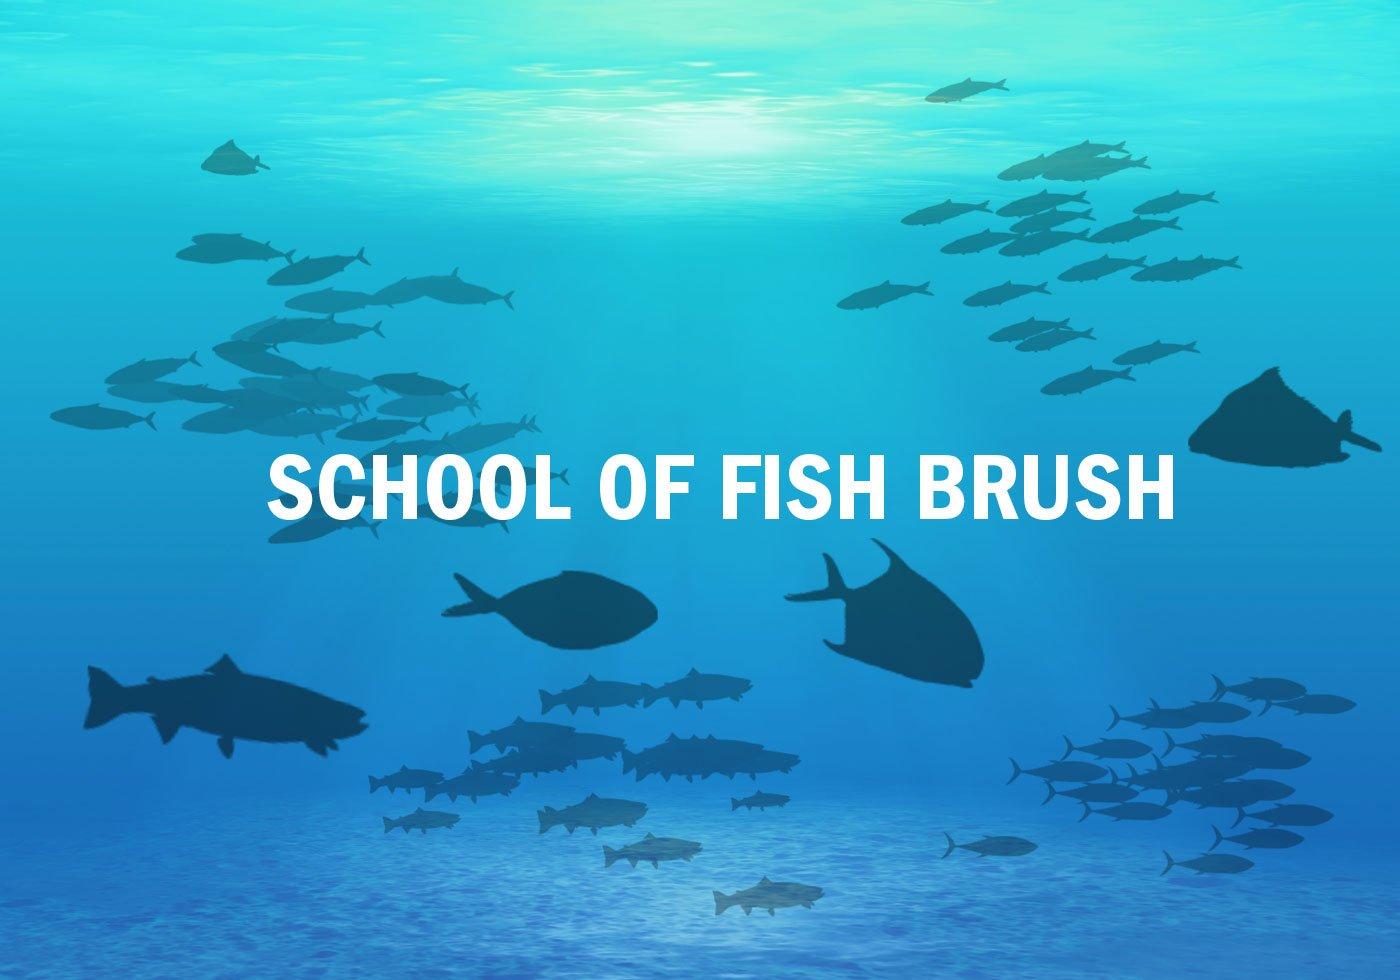 School-of-fish-brush-set-photoshop-brushes